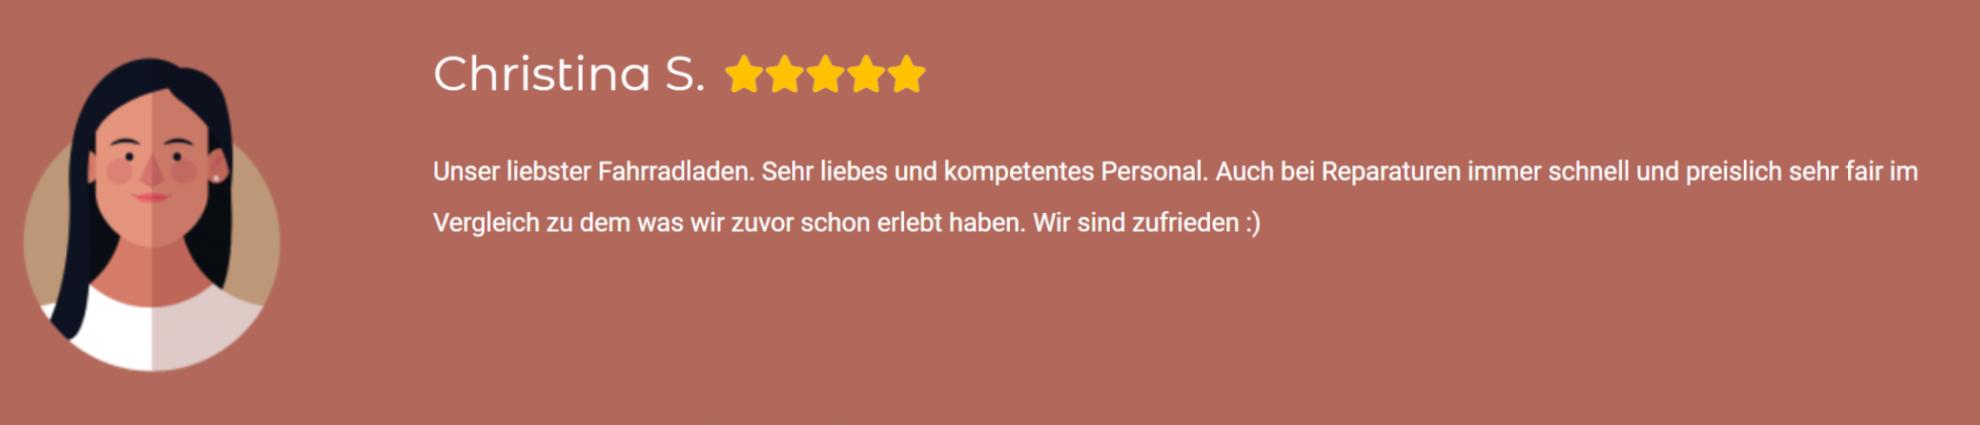 Kundenbewertung6